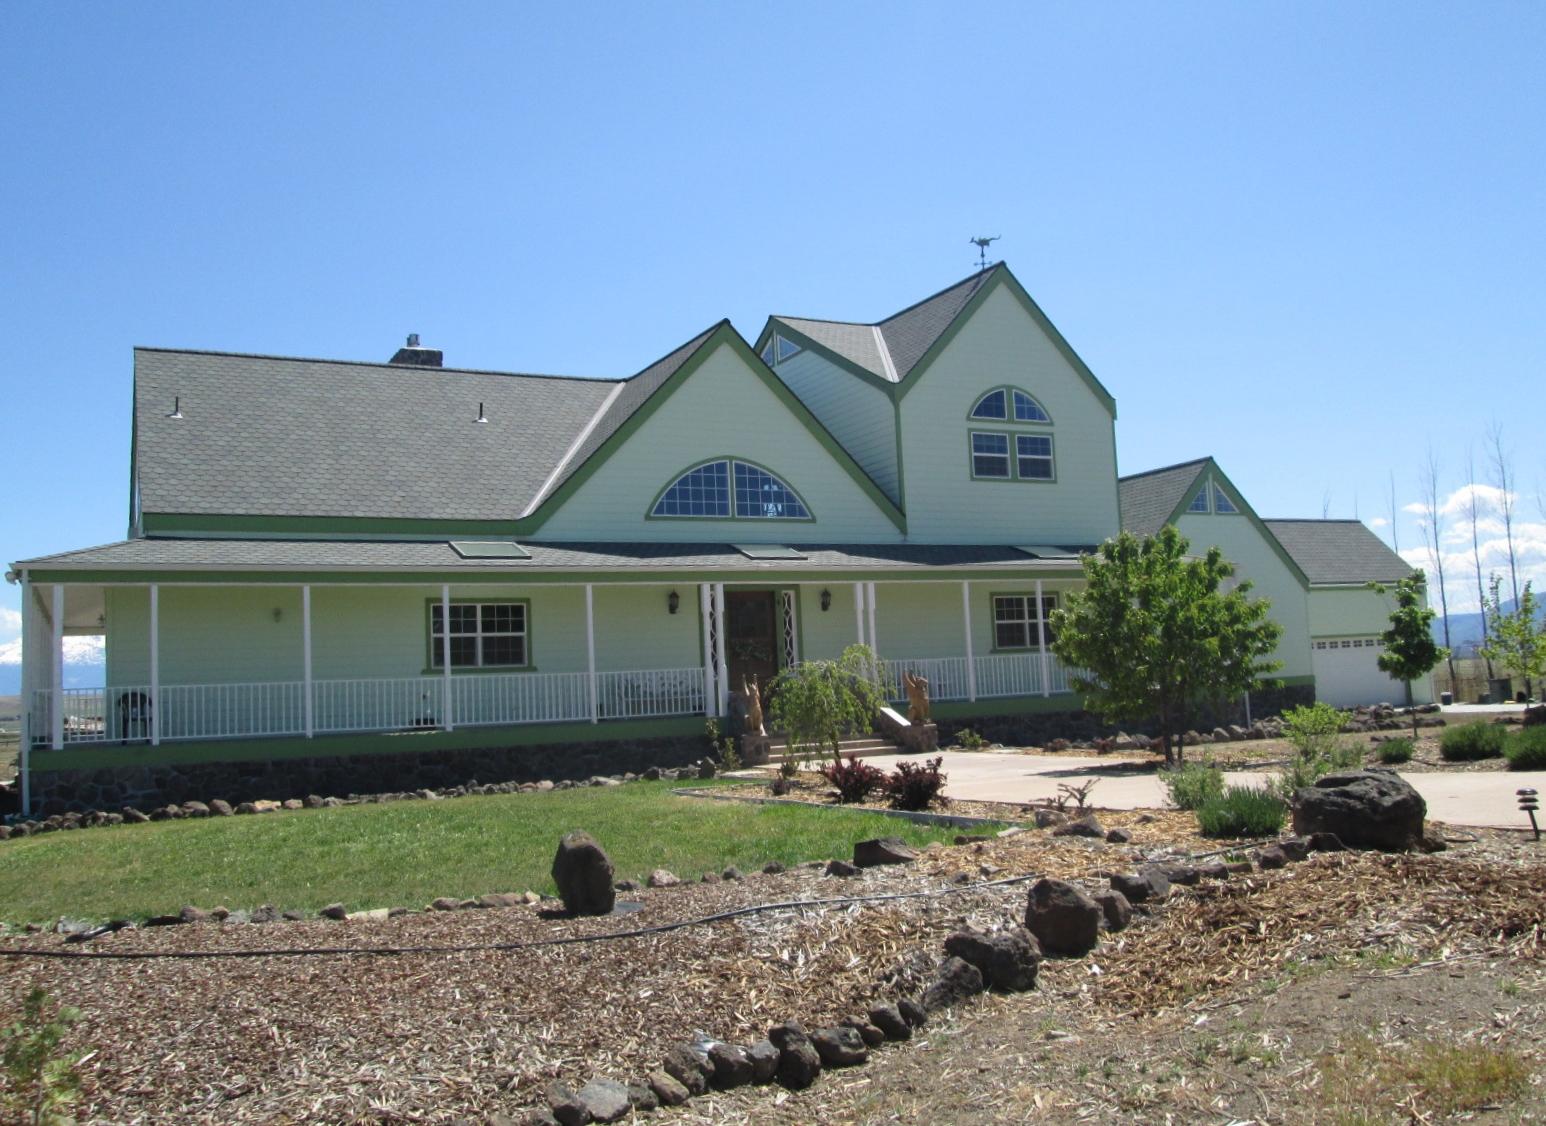 5624 Kuck Rd., Montague, California 96064